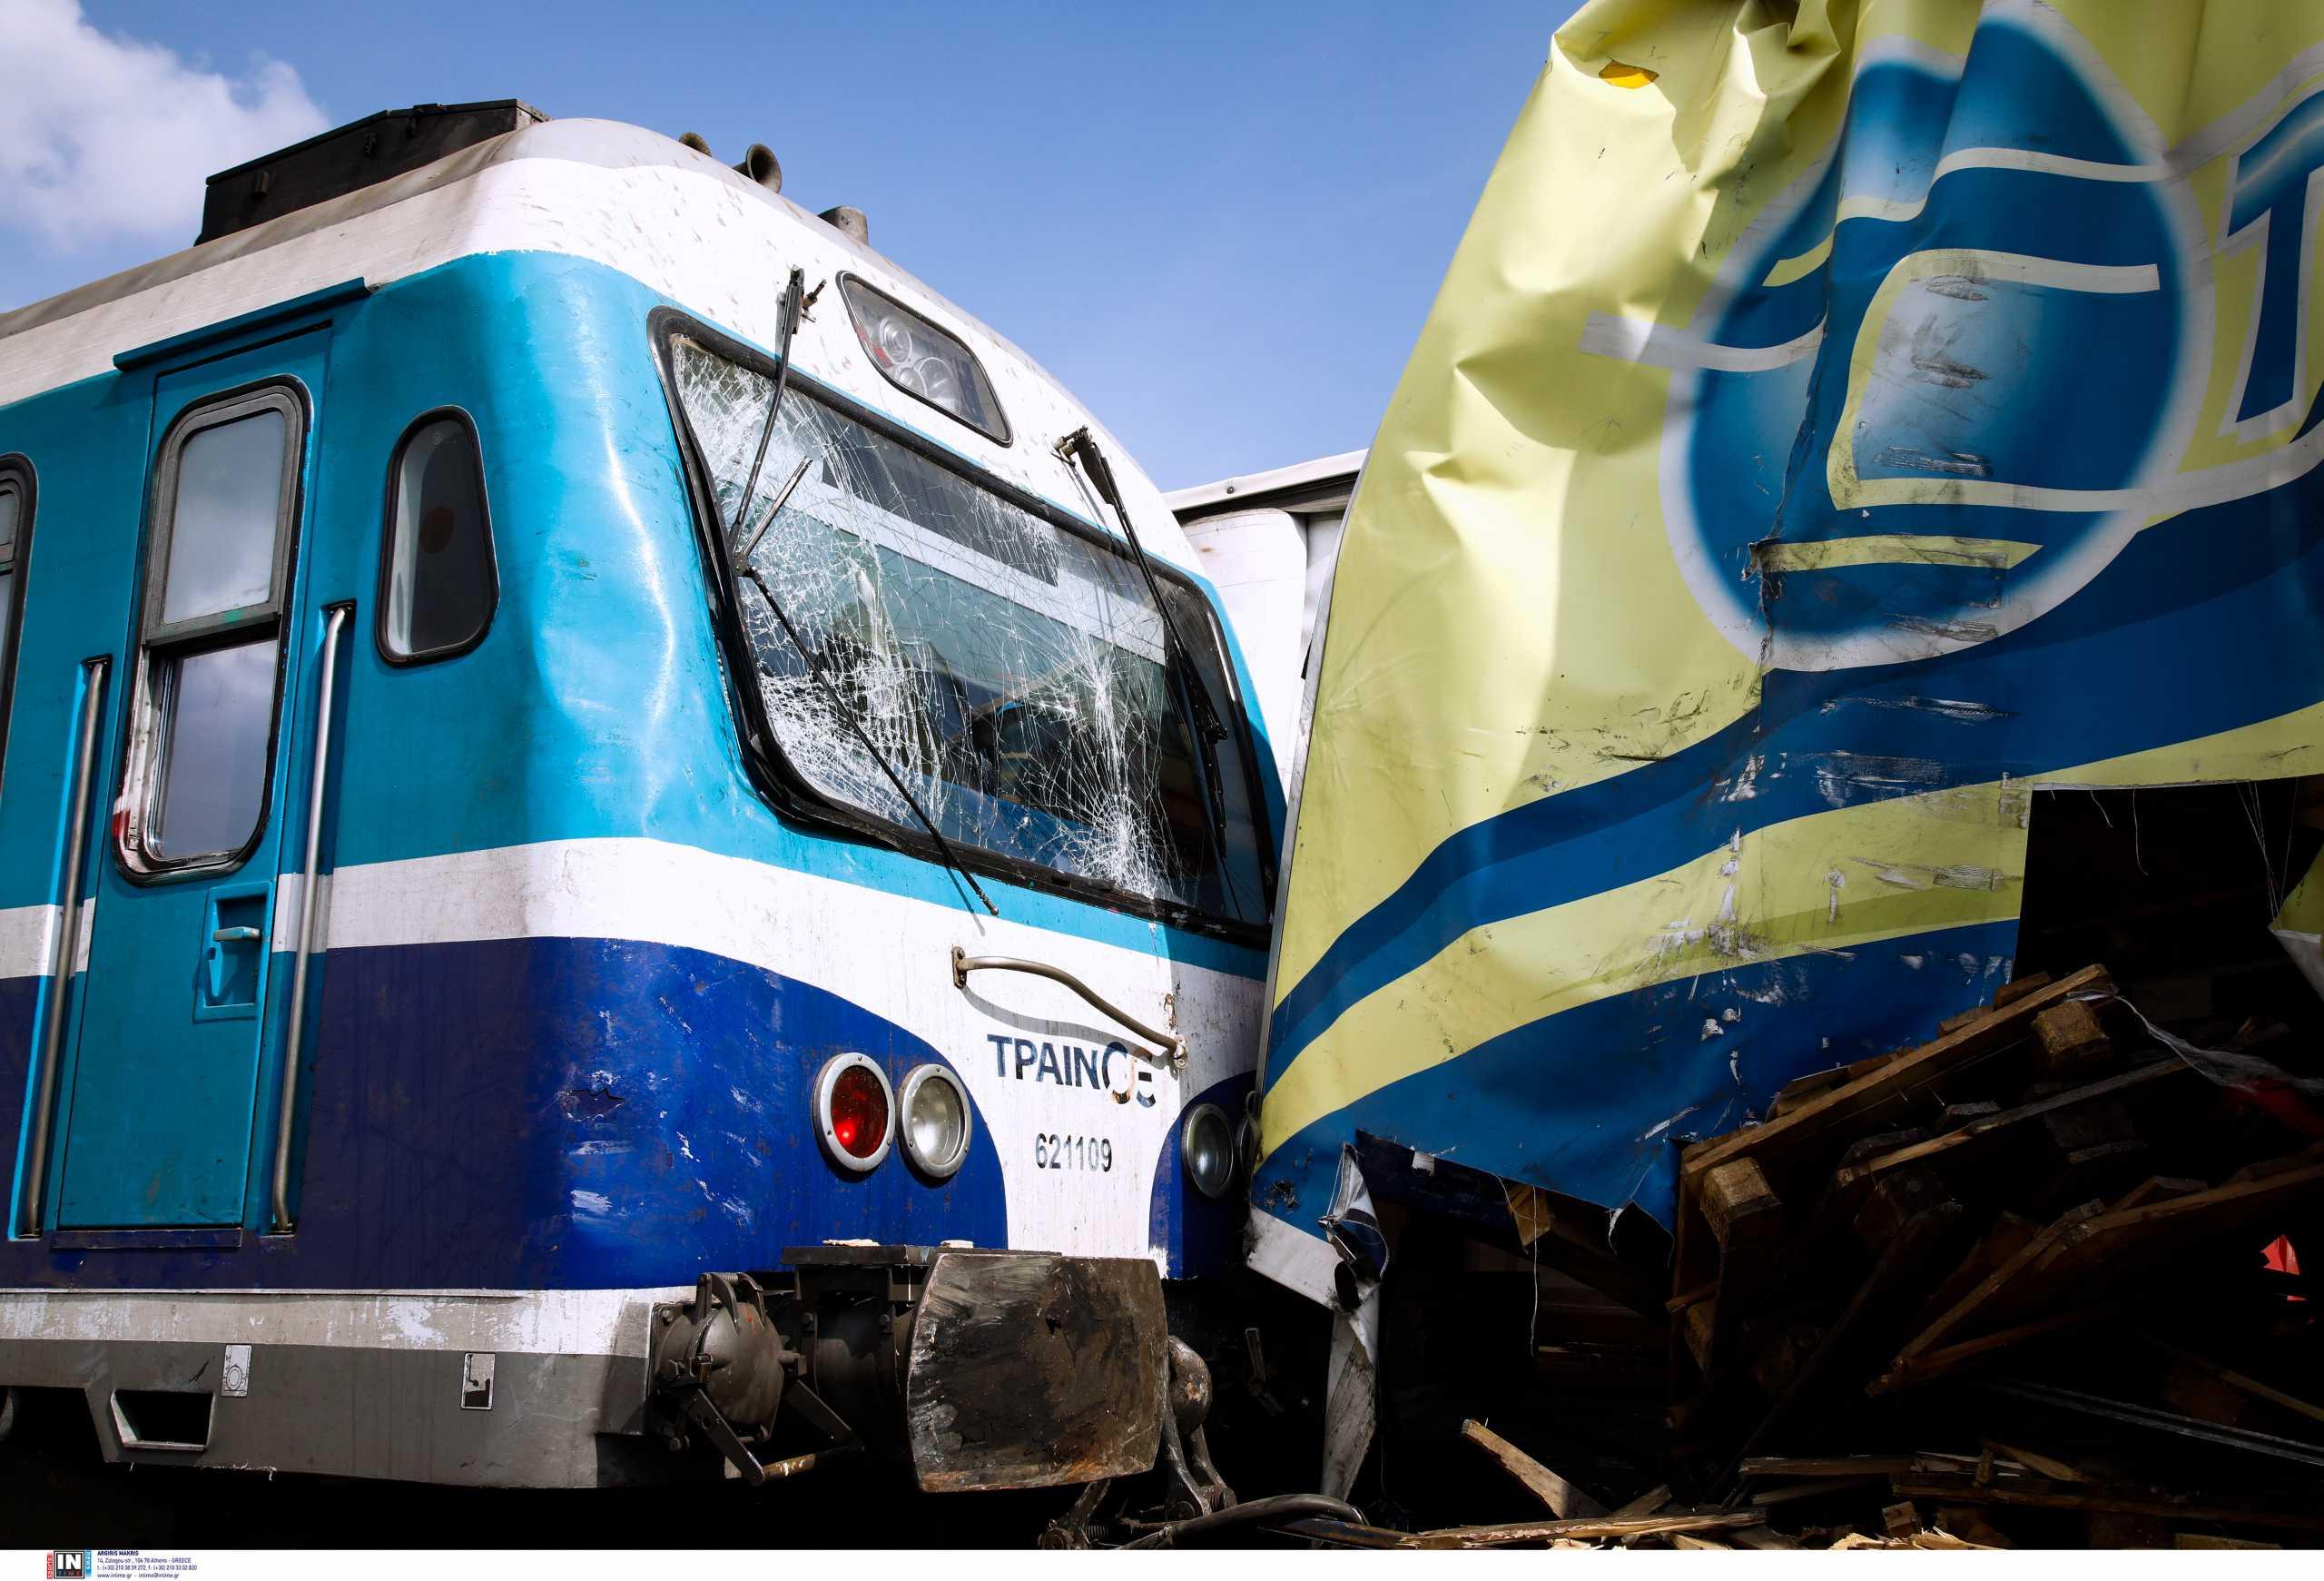 Θεσσαλονίκη: Τρένο συγκρούστηκε με φορτηγό – Αποκλεισμένο το σημείο του σοβαρού ατυχήματος